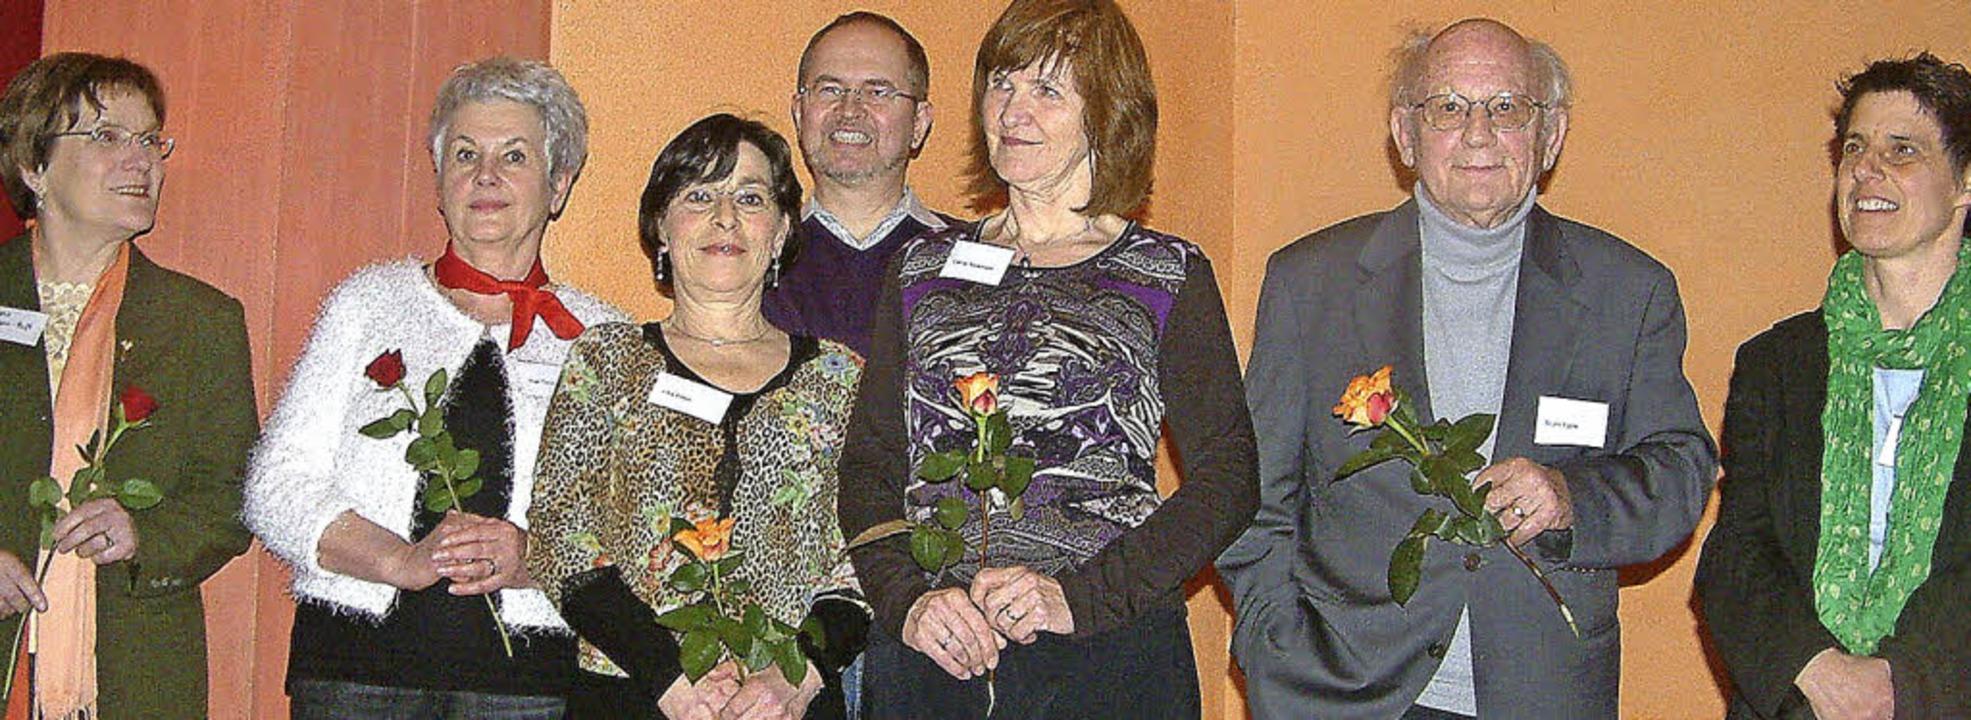 Viele alemannische Autorinnen und Auto...Literaturwerkstatt zum Silberjubiläum.  | Foto: Roswitha Frey